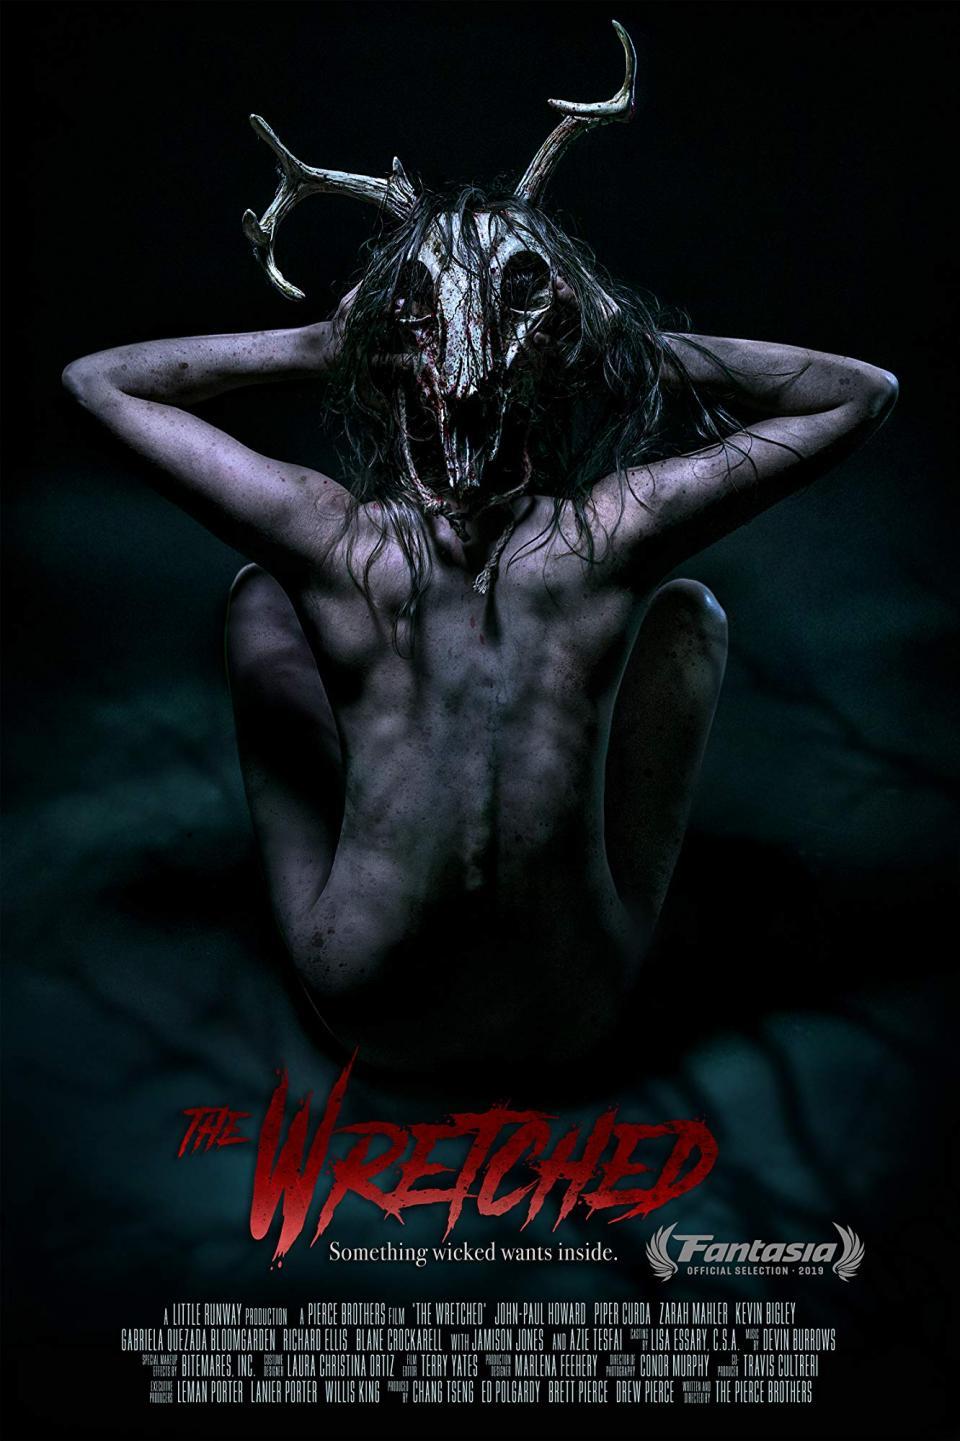 """Im düsteren Trailer zum Hexenhorror """"The Wretched"""" erwacht etwas Böses"""